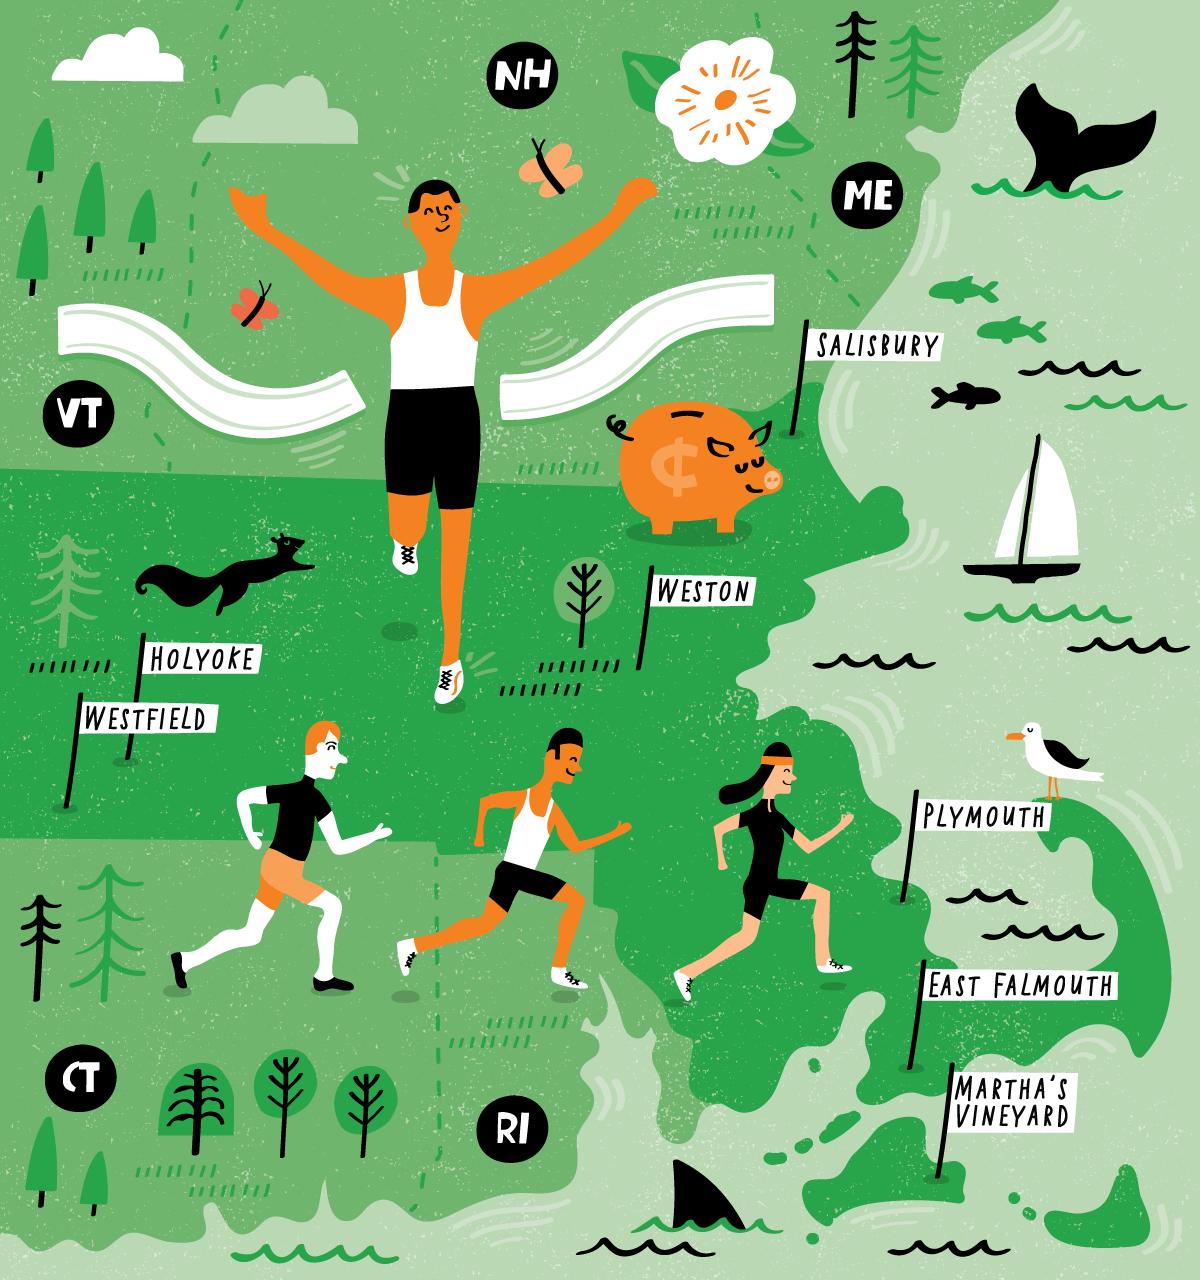 Massachusetts-Marathons-by-Nate-Padavick-promo.png